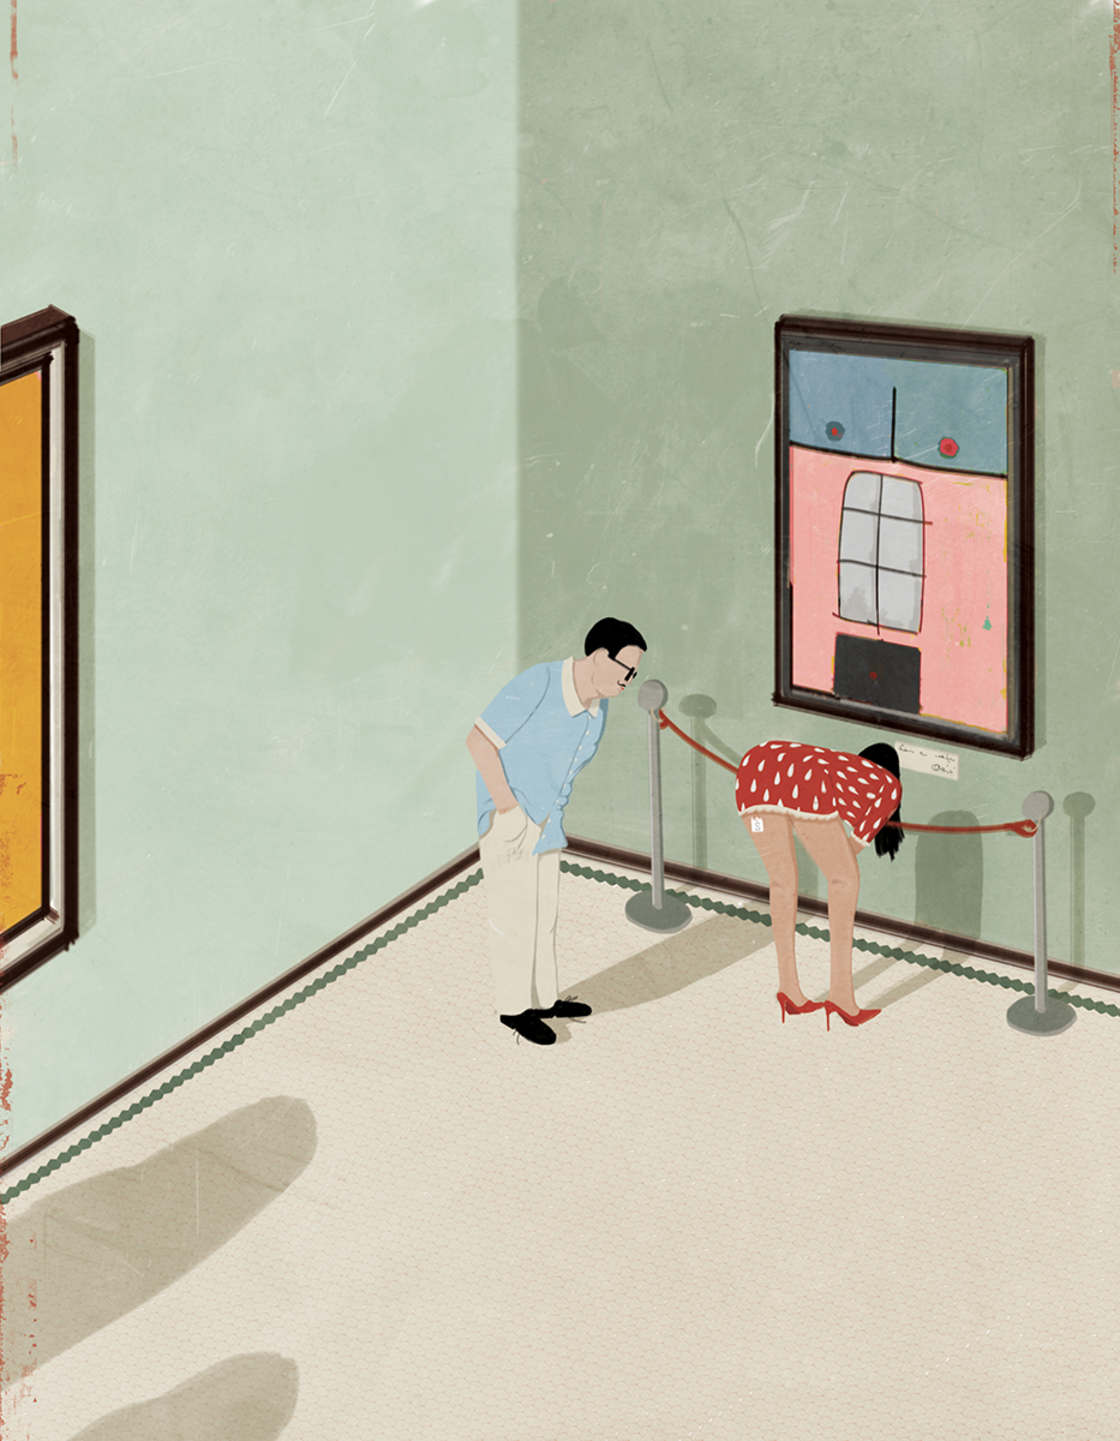 Les illustrations satiriques et surrealistes d'Andrea Ucini